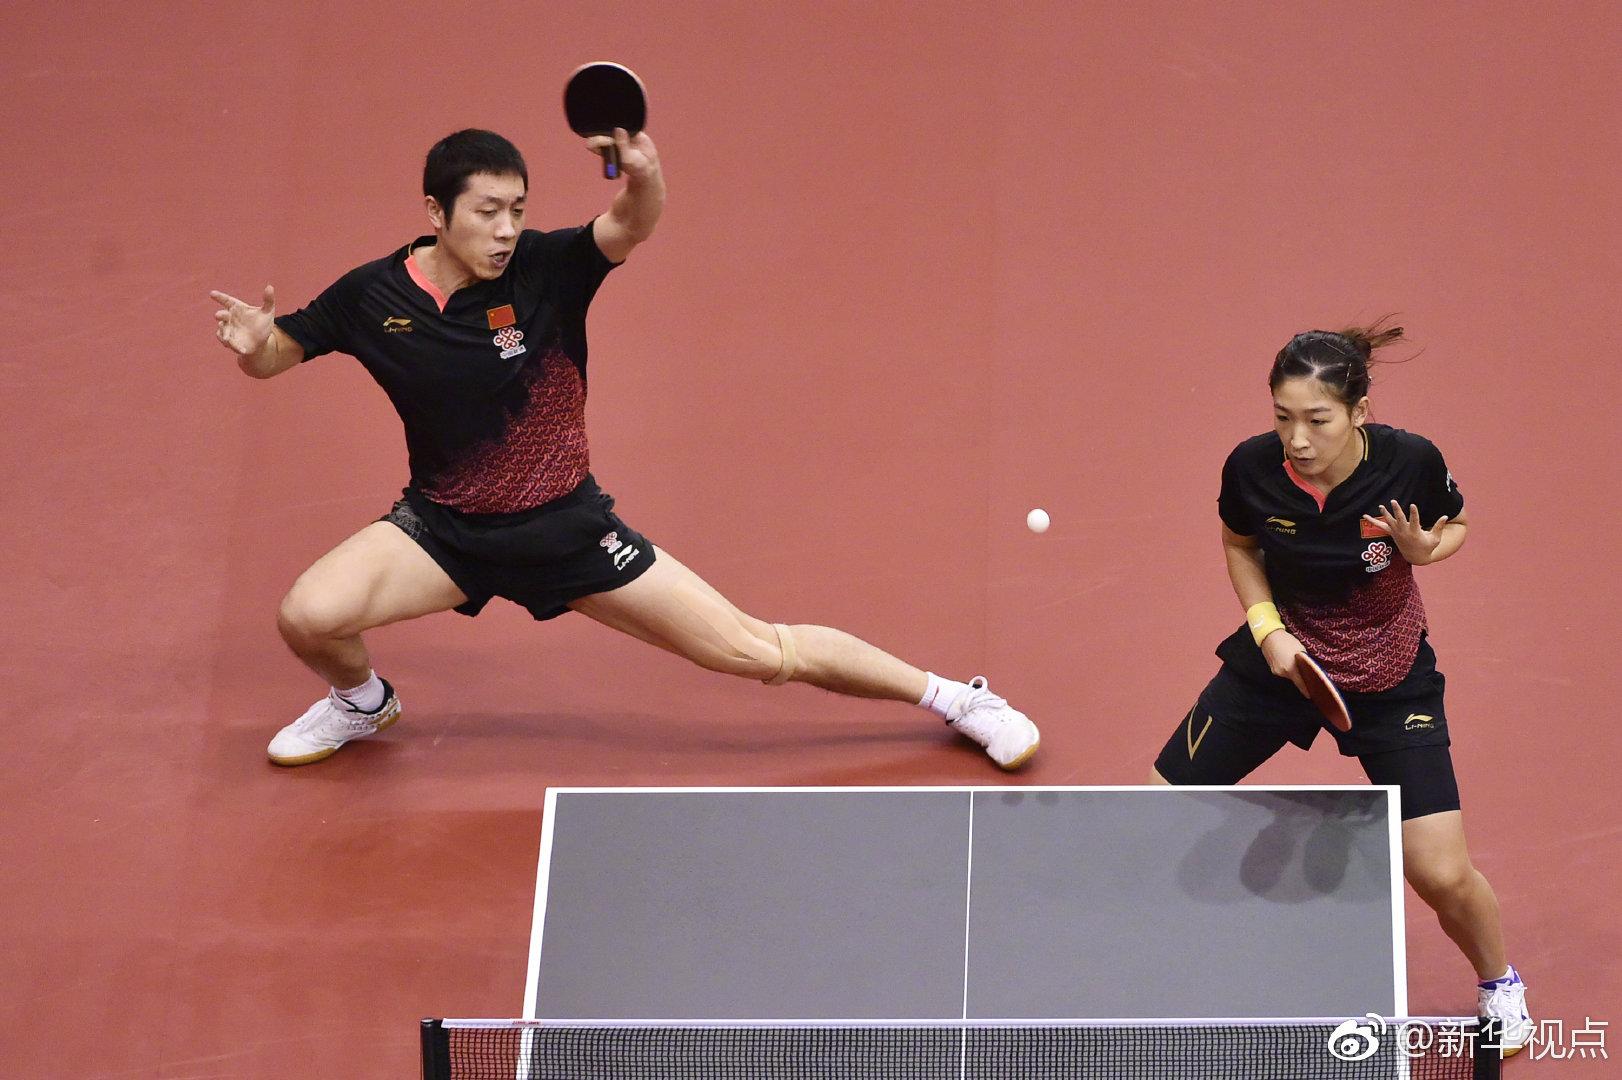 中国队积极抗疫备战奥运 提前出国参加资格比赛